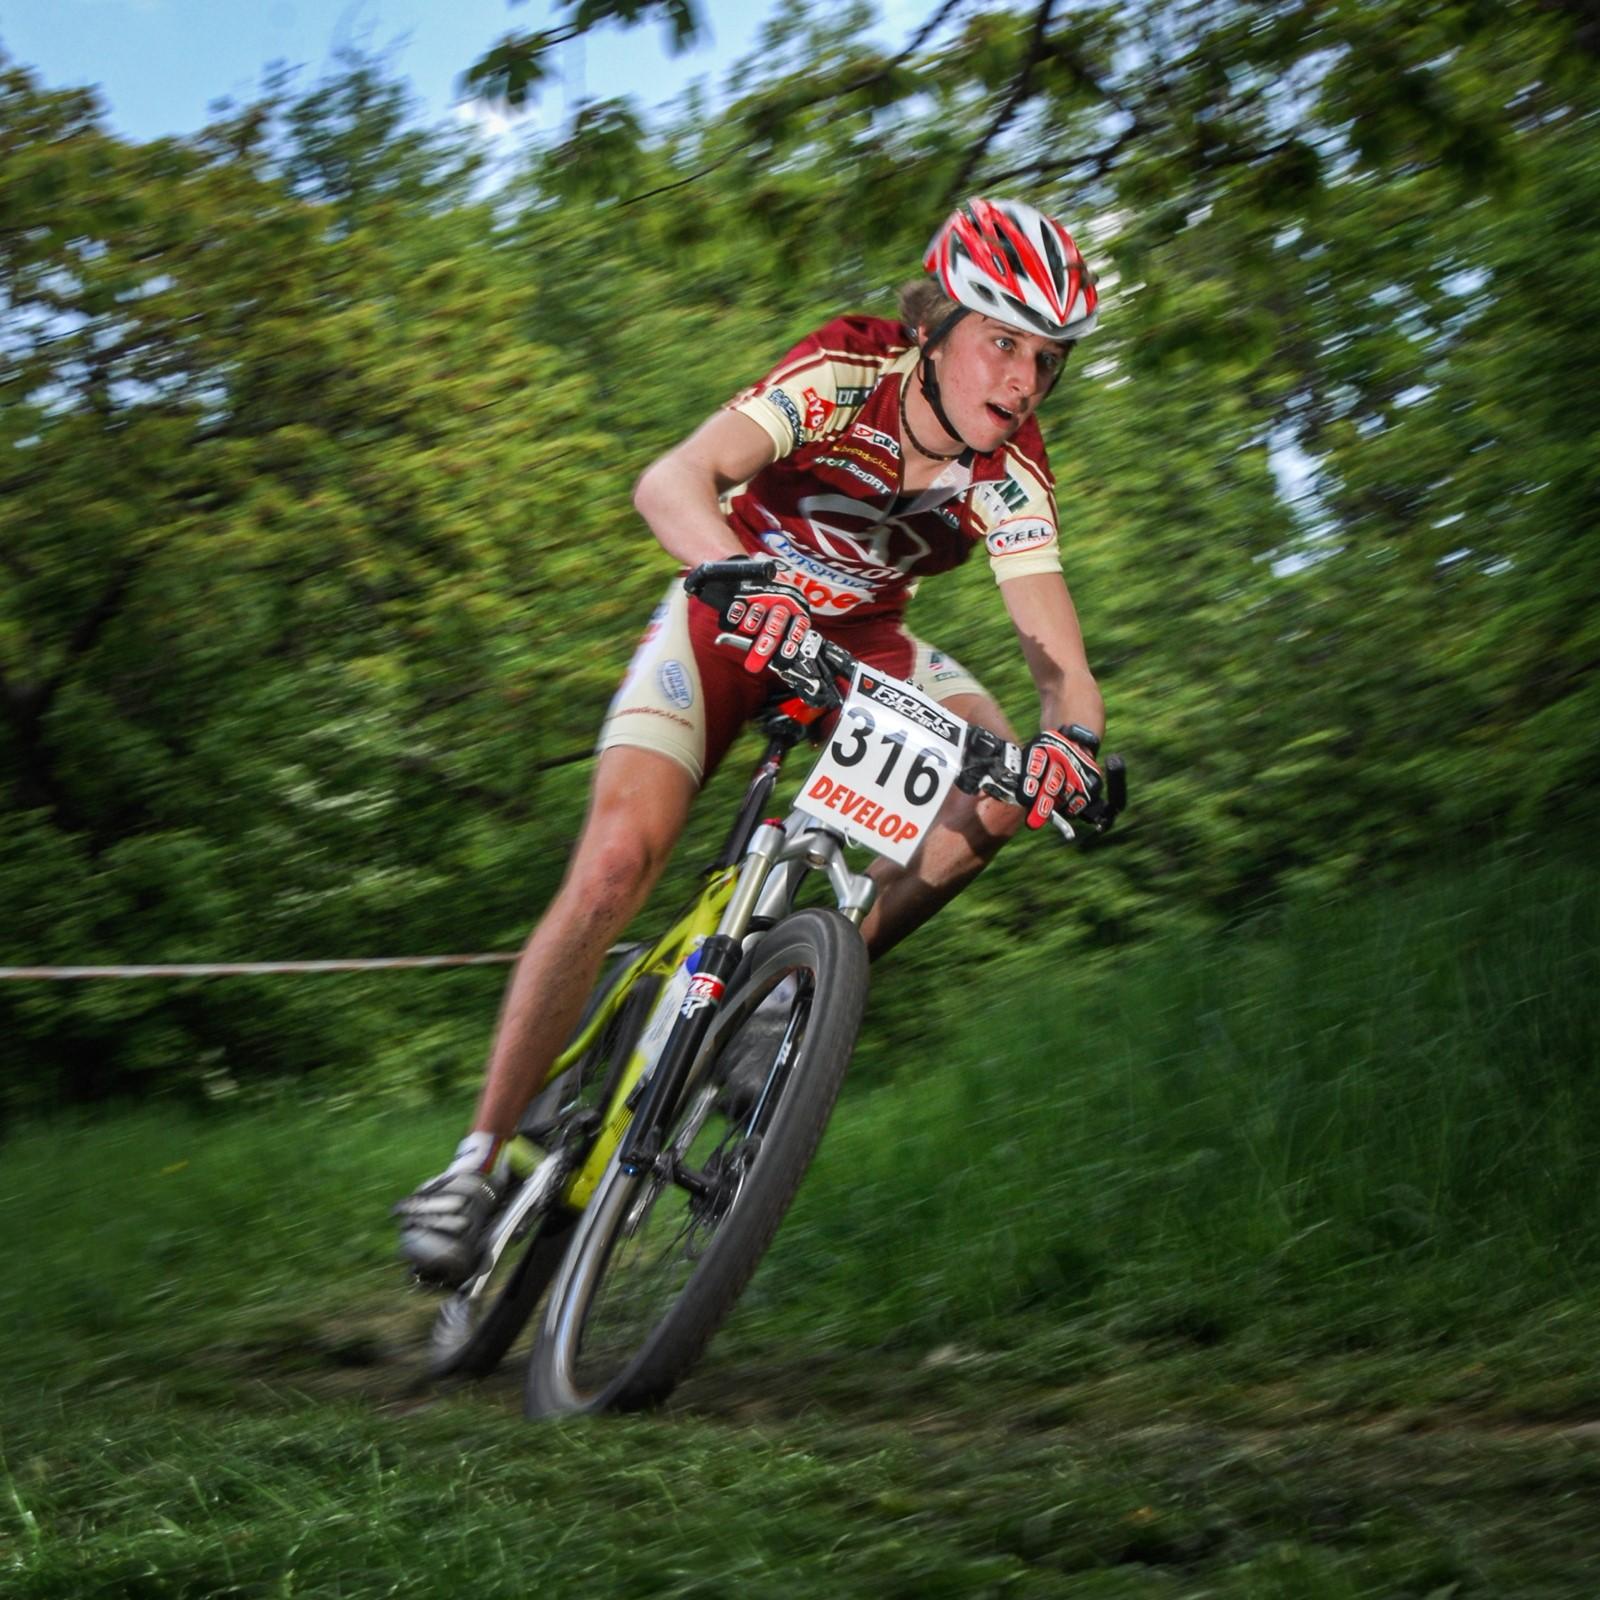 Ondřej Cink jako úplný zelenáč při závodě Českého poháru v Plzni 2008. Foto: Michal Červený (5x)